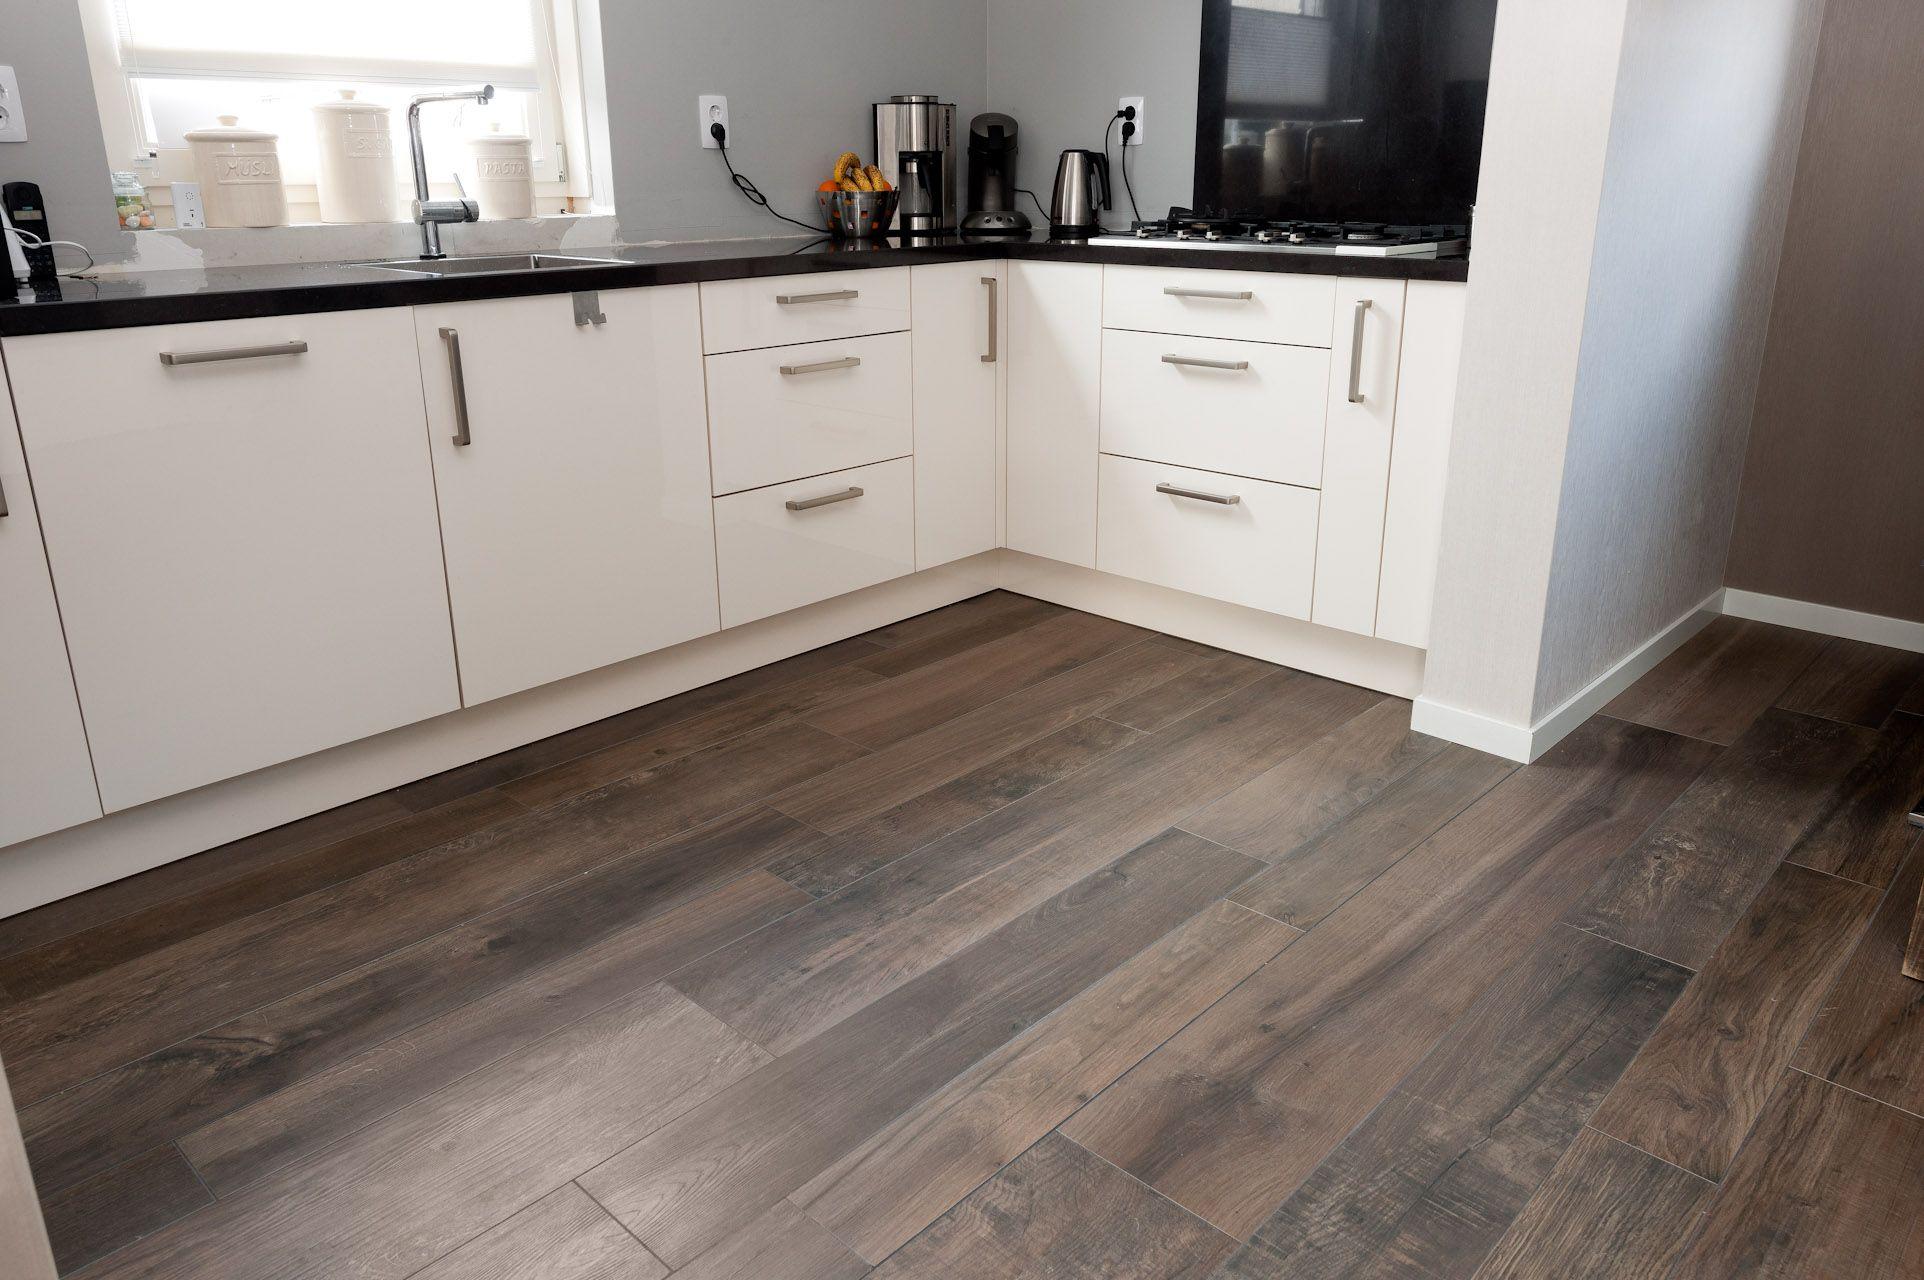 vloertegels houtlook - Google zoeken   Keukens   Pinterest   Villas ...